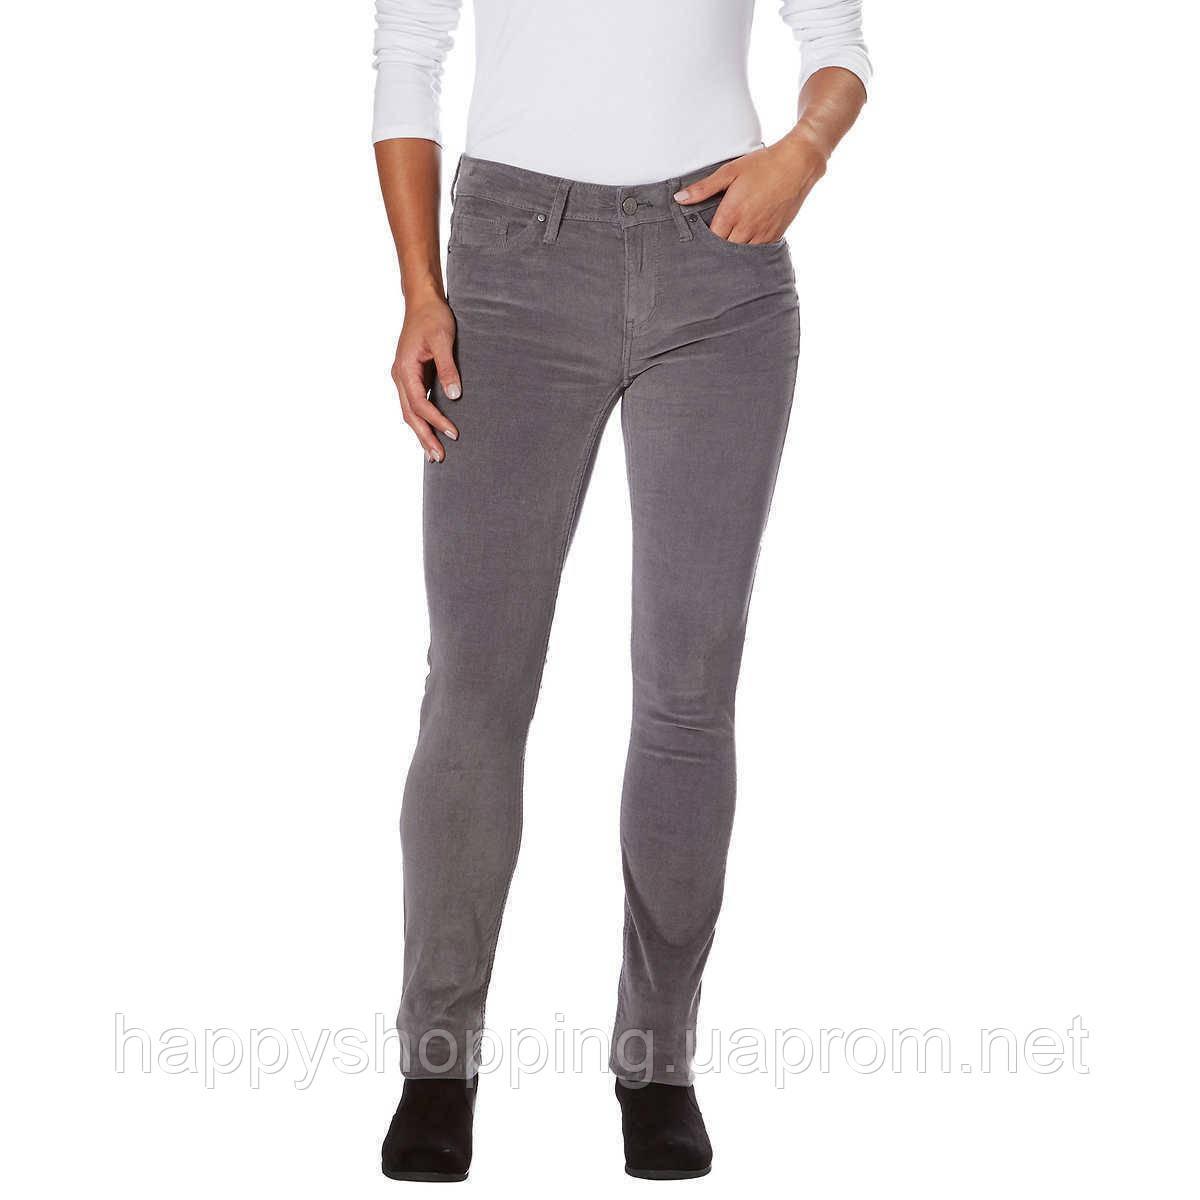 Женские серые вельветовые  джинсы популярного бренда Calvin Klein Jeans